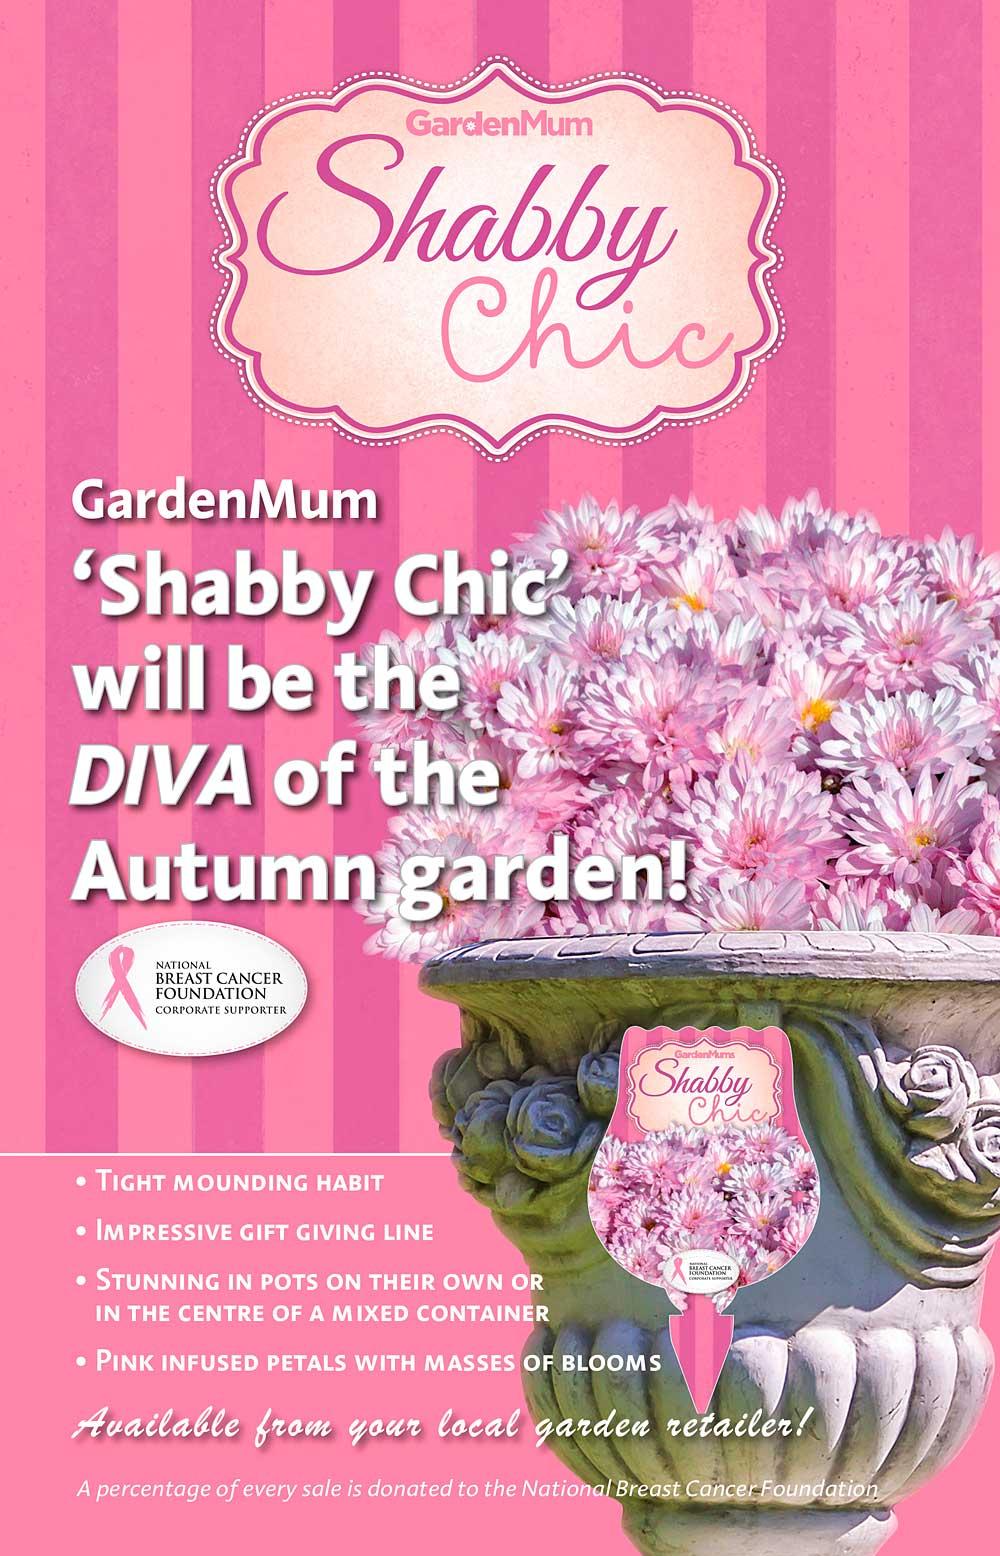 GardenMum Shabby Chic Advert